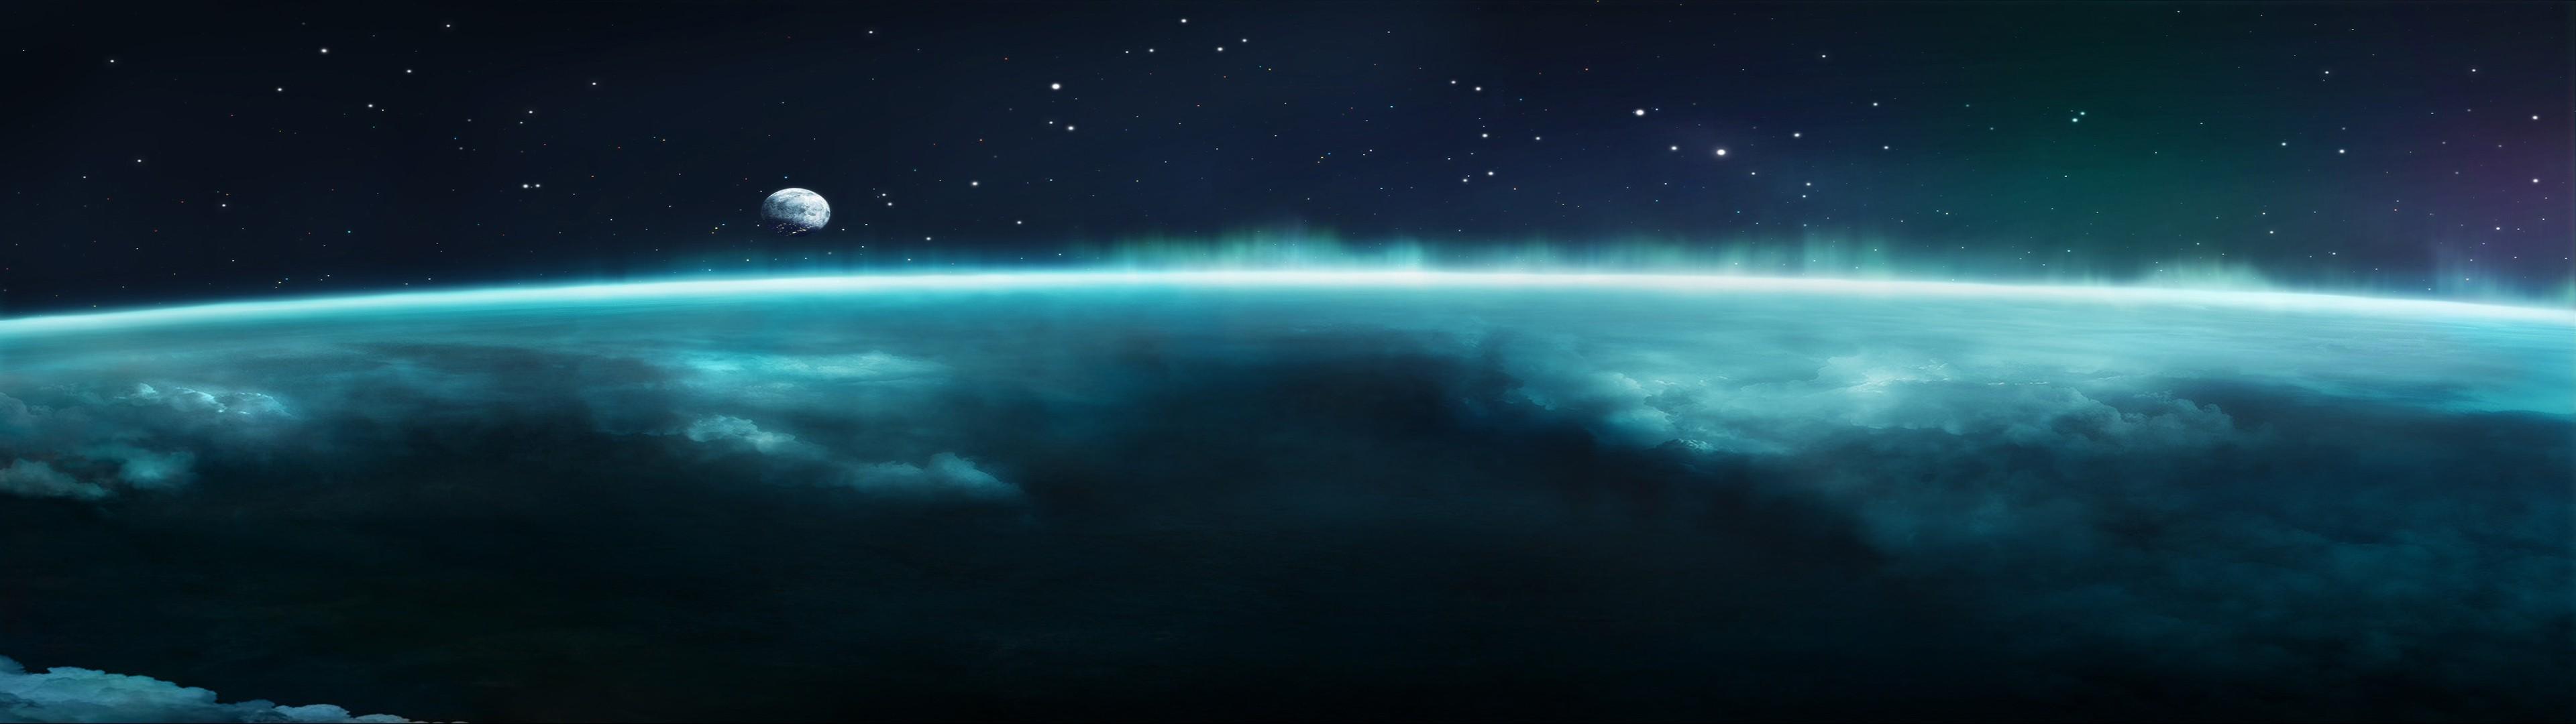 space, Planet, Space Art, Aurorae